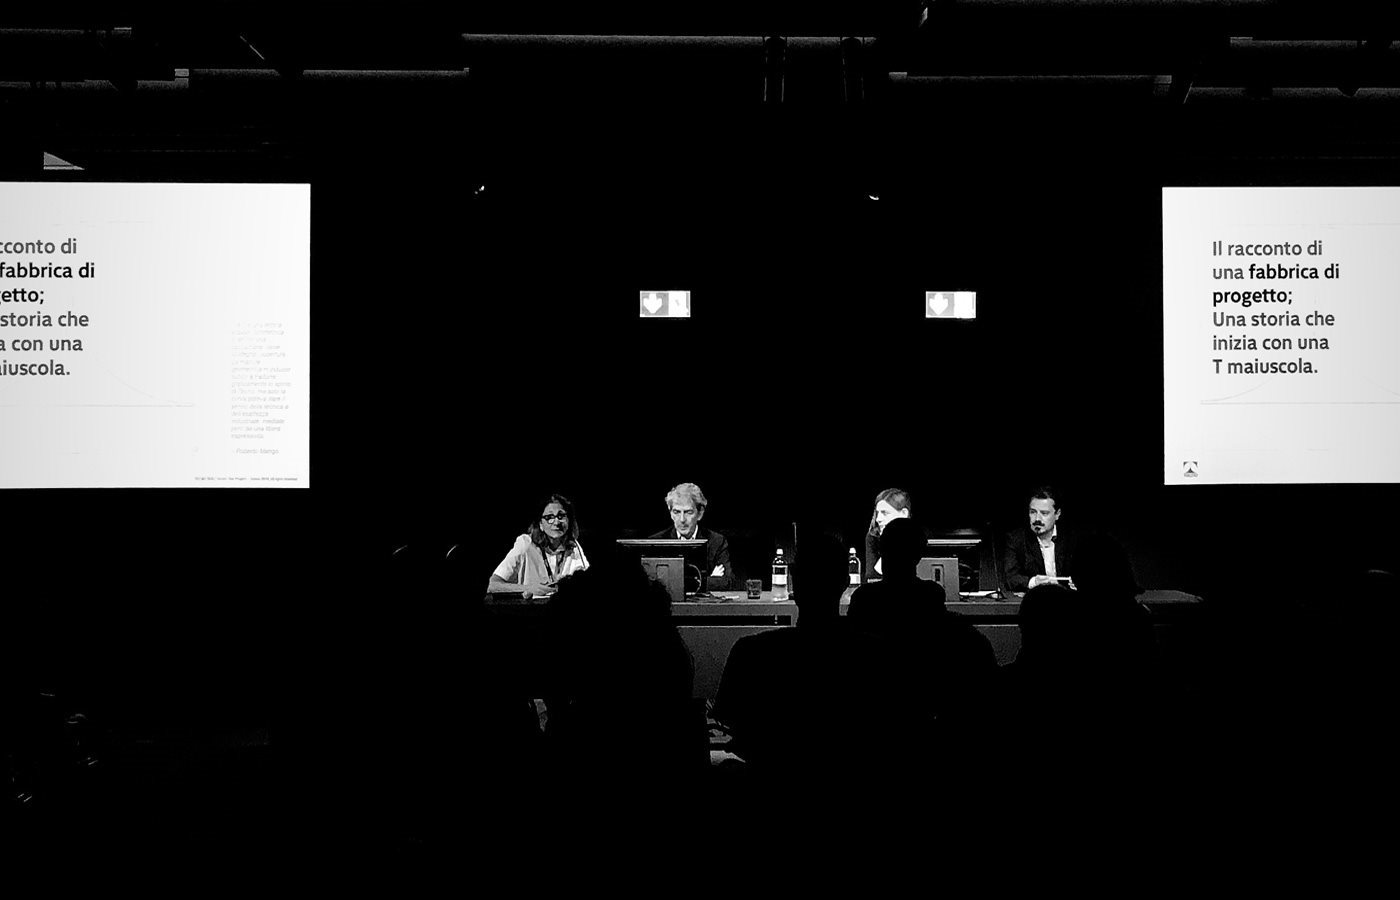 tecno_conferenze_foto